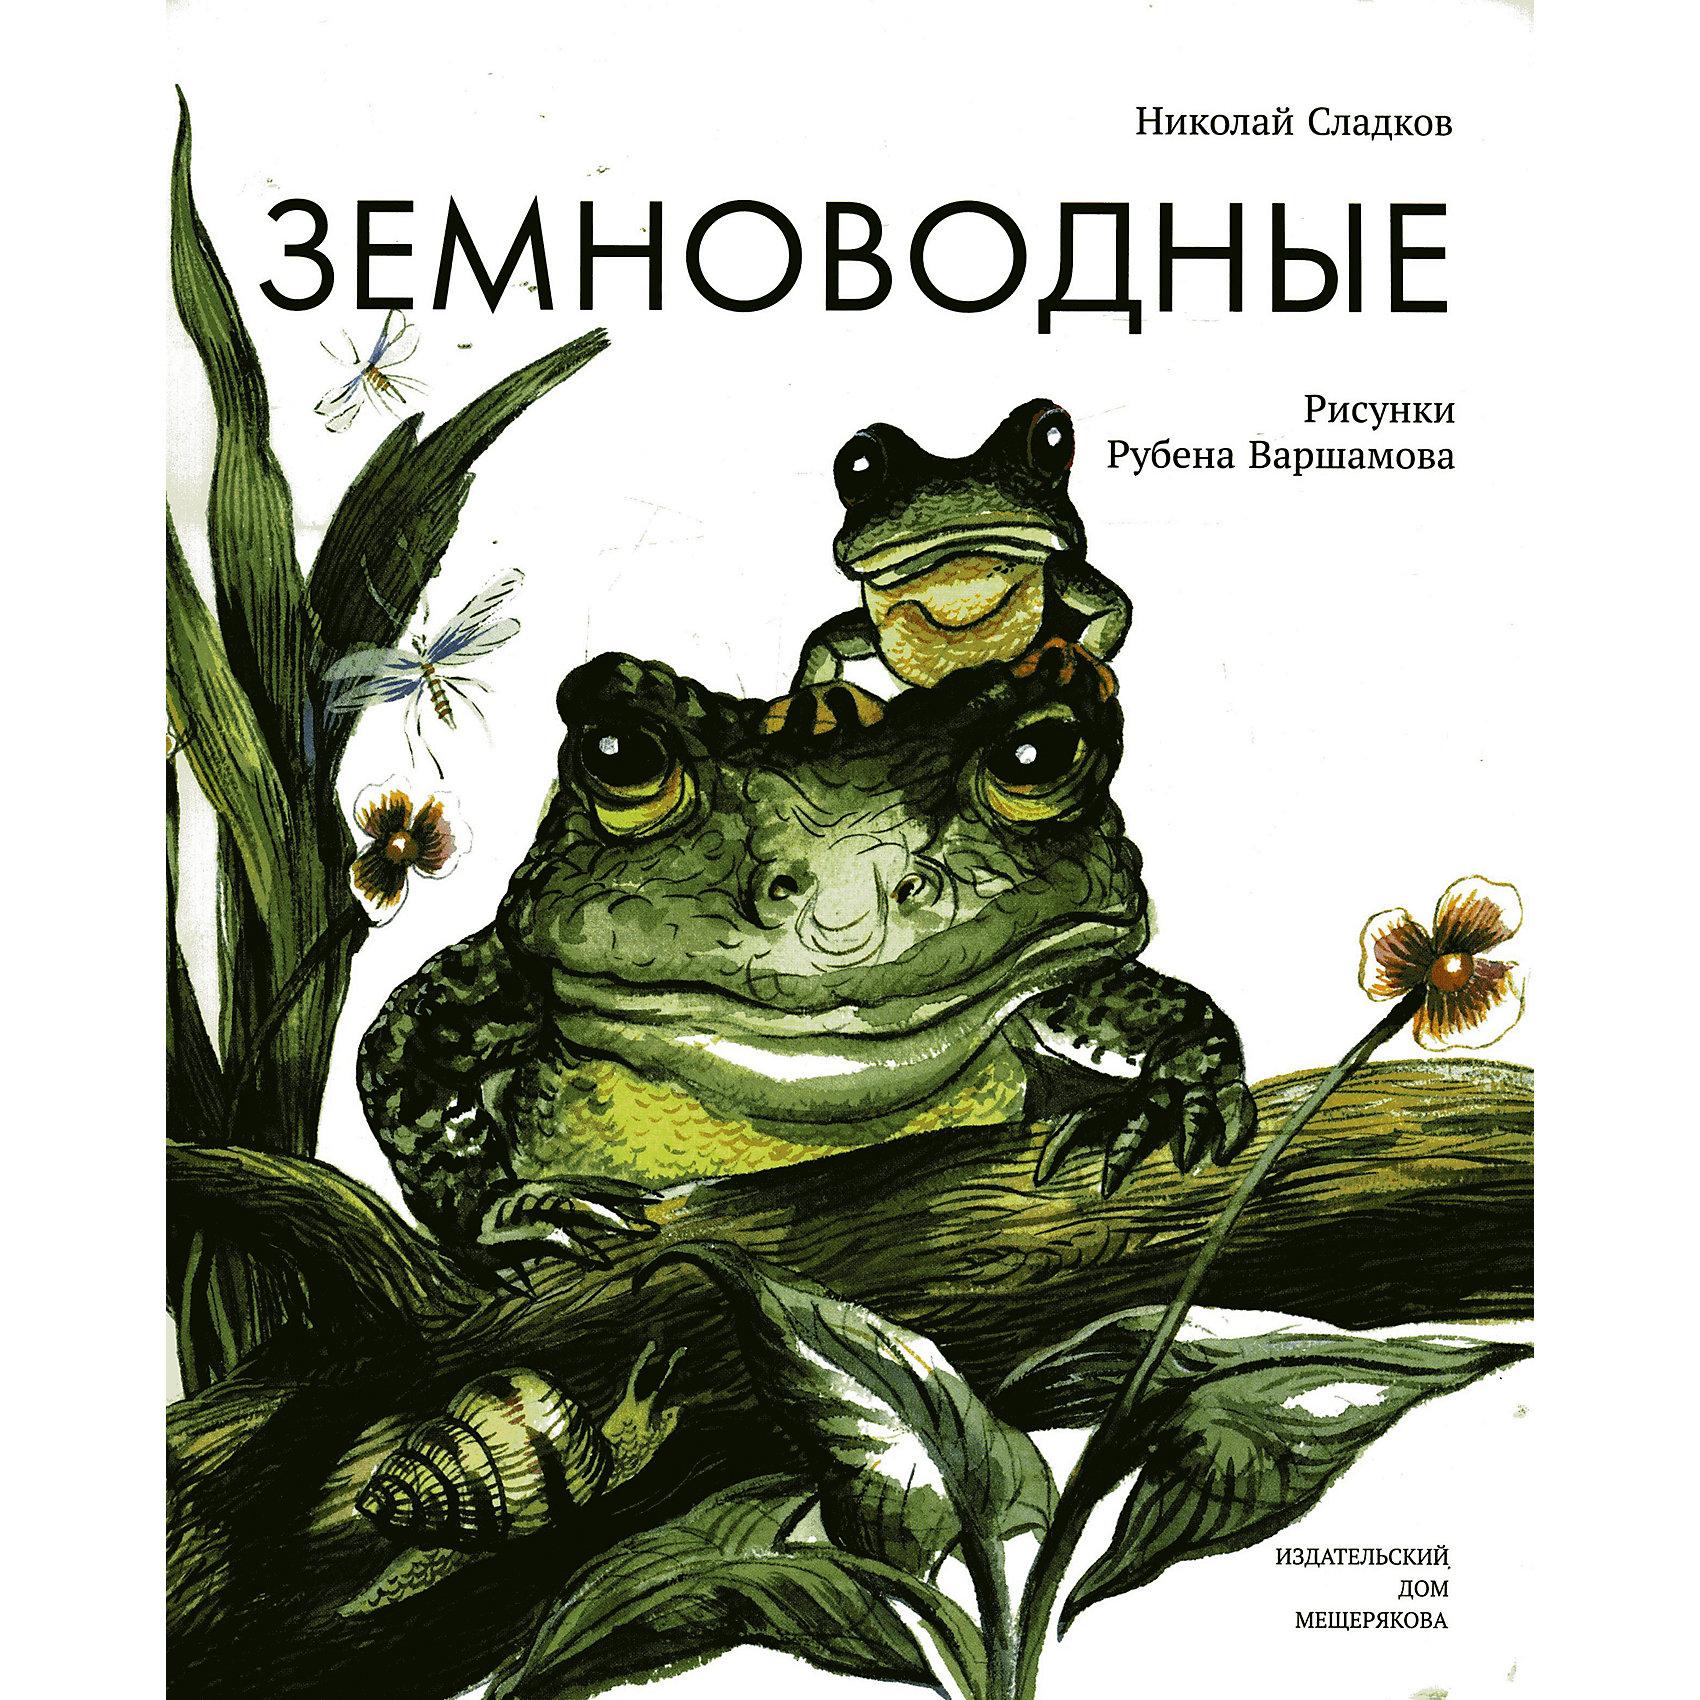 Земноводные, Н. СладковЗемноводные, Н. Сладков - это красочно иллюстрированная познавательная книга для детей.<br>Земноводные – это совершенно удивительные животные. С одинаковым успехом могут они жить как в воде, так и на суше. Отсюда и произошло их название. Земноводных представляют хорошо всем известные лягушки и жабы, а также тритоны, саламандры и червяги. Зачем тритону хвост, чем удивительна удивительная лягушка и какая у жаб коляска - эти и многие другие секреты земноводных раскроет перед читателями уже полюбившийся всем писатель Николай Сладков. А помогут ему в этом иллюстрации замечательного художника Рубена Варшамова. Для младшего школьного возраста.<br><br>Дополнительная информация:<br><br>- Автор: Сладков Николай Иванович<br>- Художник: Варшамов Рубен Артемович<br>- Редактор: Мещеряков Вадим Юрьевич<br>- Издательство: ИД Мещерякова, 2015 г.<br>- Серия: Пифагоровы штаны<br>- Жанр: Человек. Земля. Вселенная<br>- Тип обложки: мягкий переплет (крепление скрепкой или клеем)<br>- Иллюстрации: цветные<br>- Количество страниц: 32 (офсет)<br>- Размер: 273x260x4 мм.<br>- Вес: 180 гр.<br><br>Книгу «Земноводные», Н. Сладков можно купить в нашем интернет-магазине.<br><br>Ширина мм: 259<br>Глубина мм: 3<br>Высота мм: 274<br>Вес г: 200<br>Возраст от месяцев: 72<br>Возраст до месяцев: 120<br>Пол: Унисекс<br>Возраст: Детский<br>SKU: 4522400